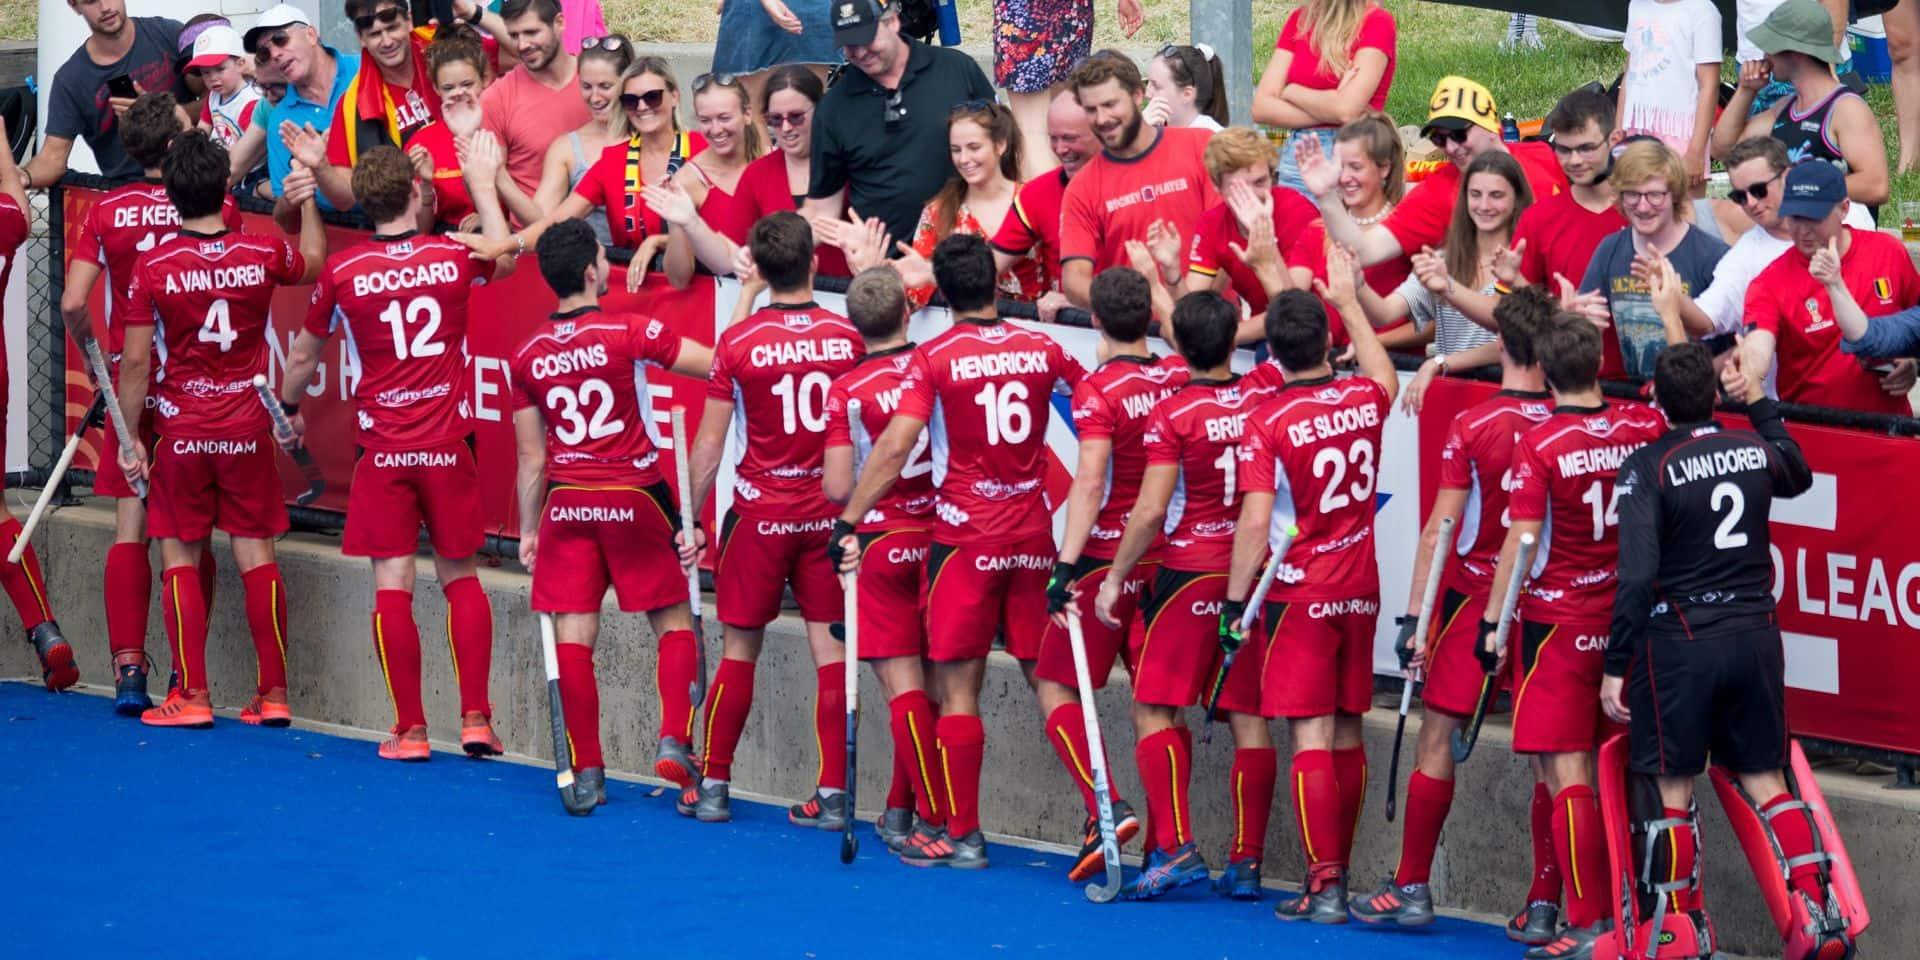 Paris sportifs dans le hockey: la baudruche s'est dégonflée